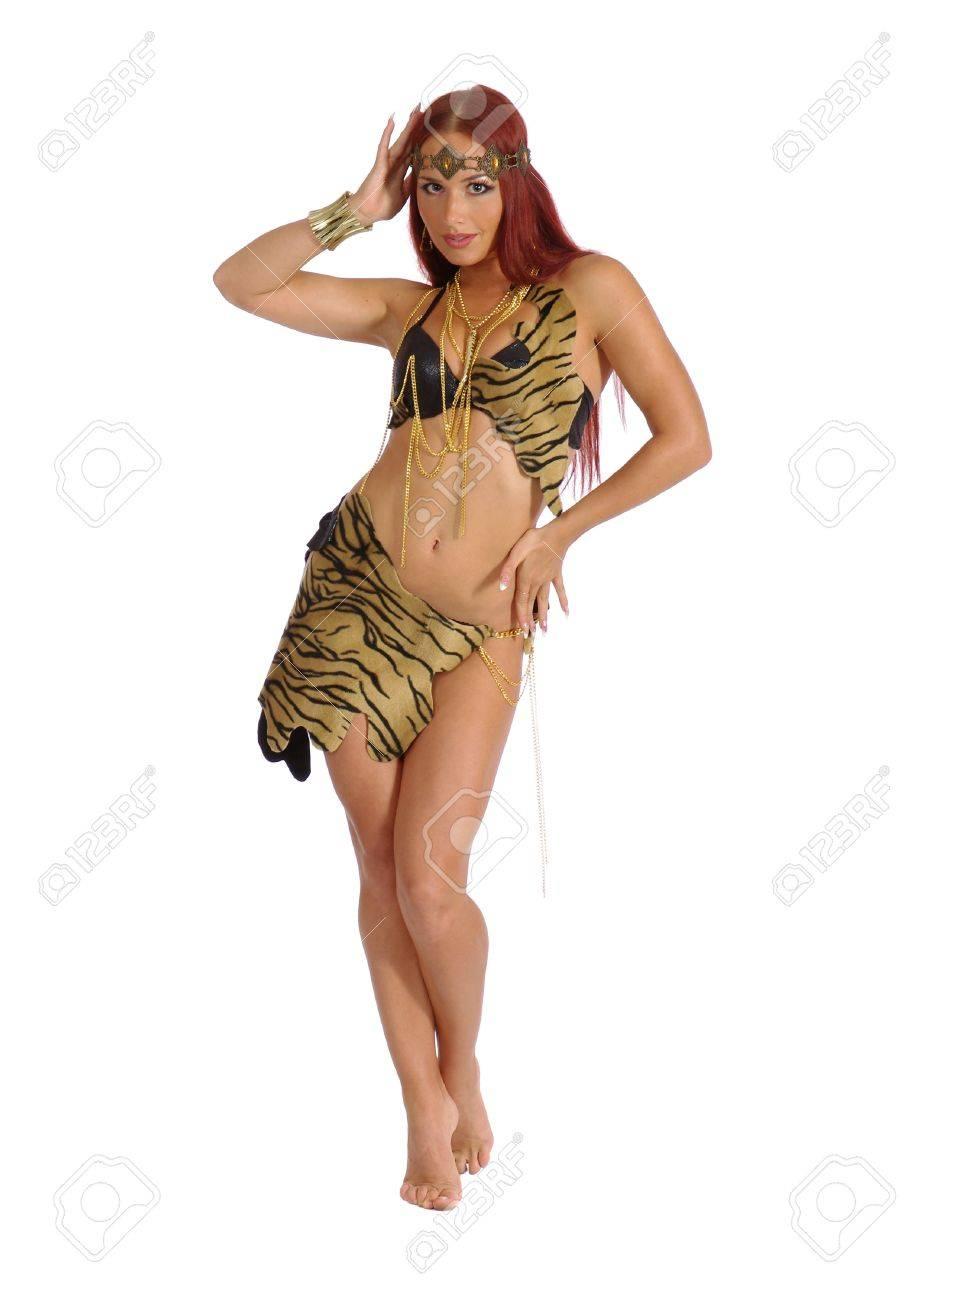 Burma girl nude sex